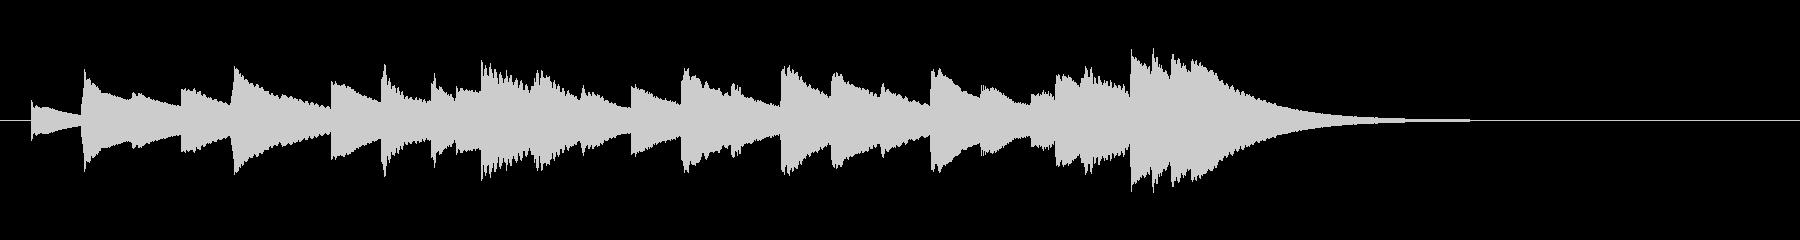 かっこうワルツ(ヨナーソン作)オルゴールの未再生の波形